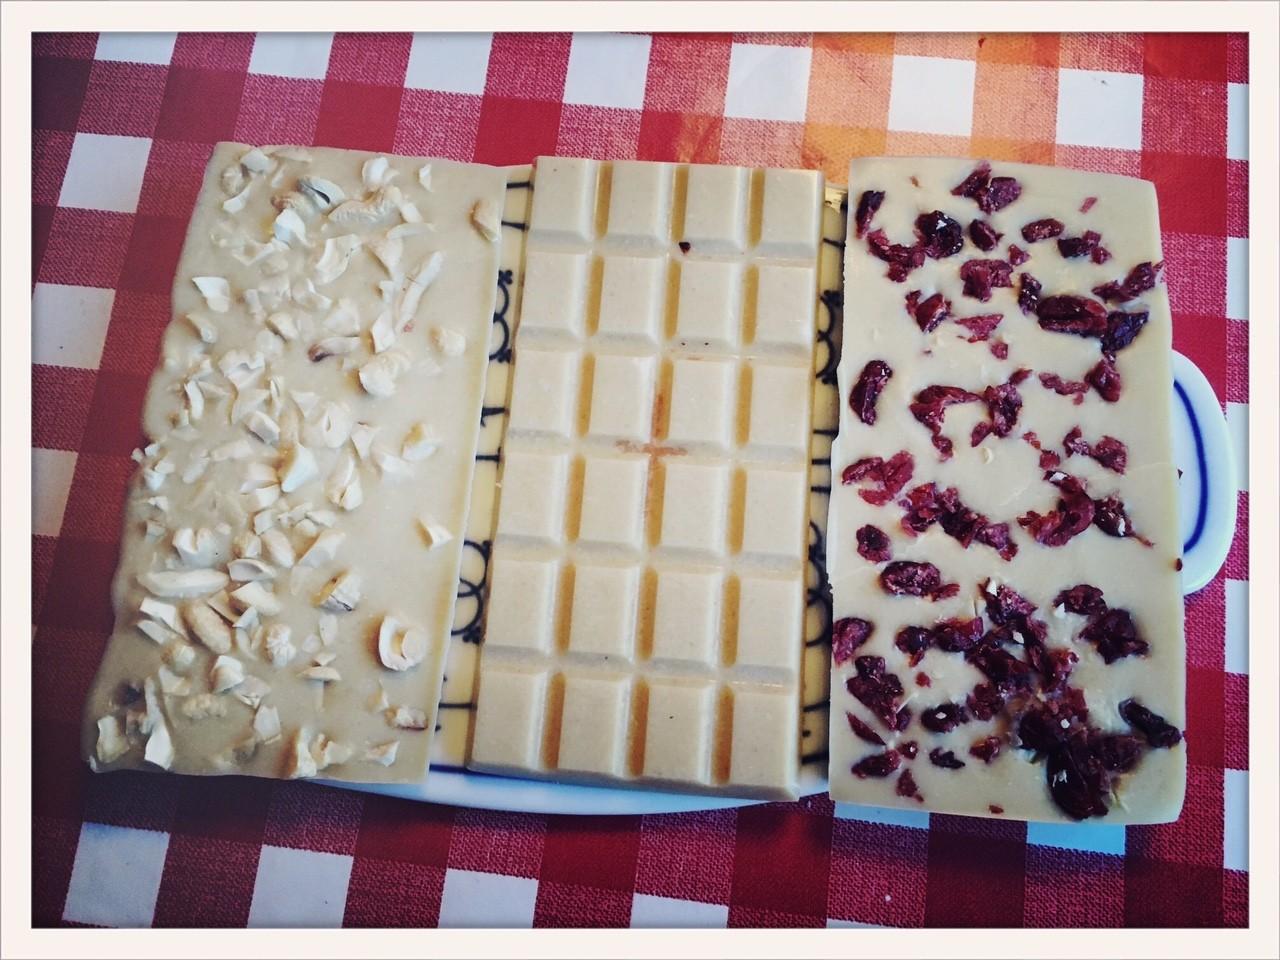 Weiße Schokolade. Aus Cashewkernen. - mix dich glücklich